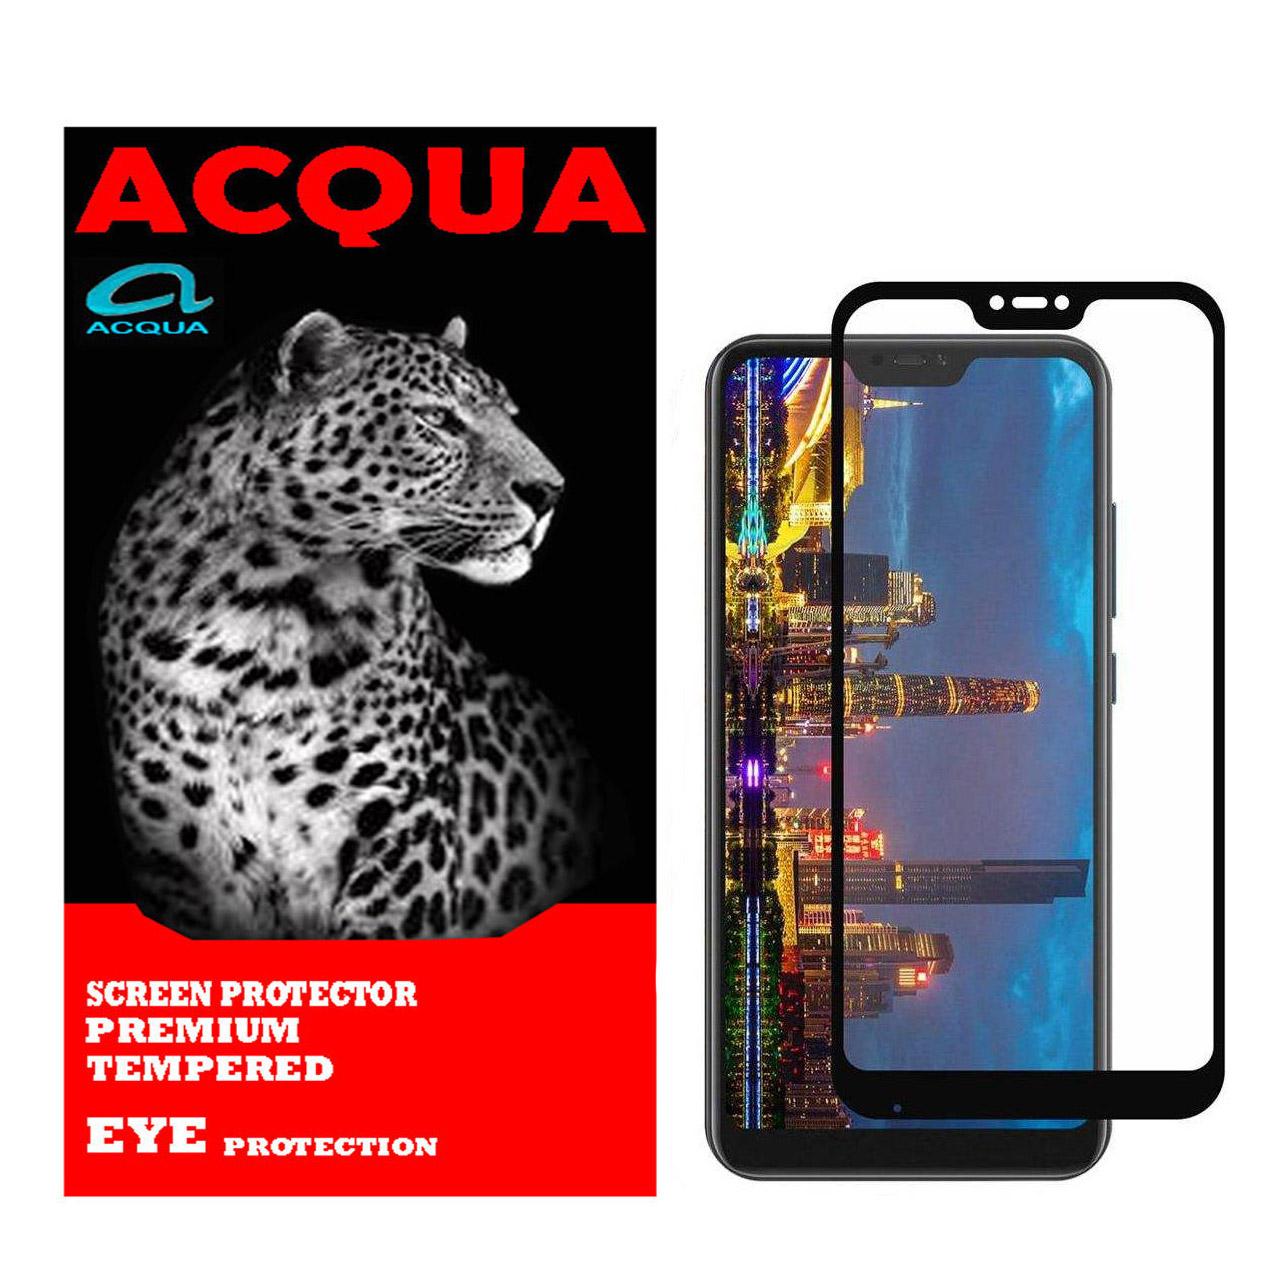 محافظ صفحه نمایش آکوا مدل SH مناسب برای گوشی موبایل شیائومی MI A2 LITE